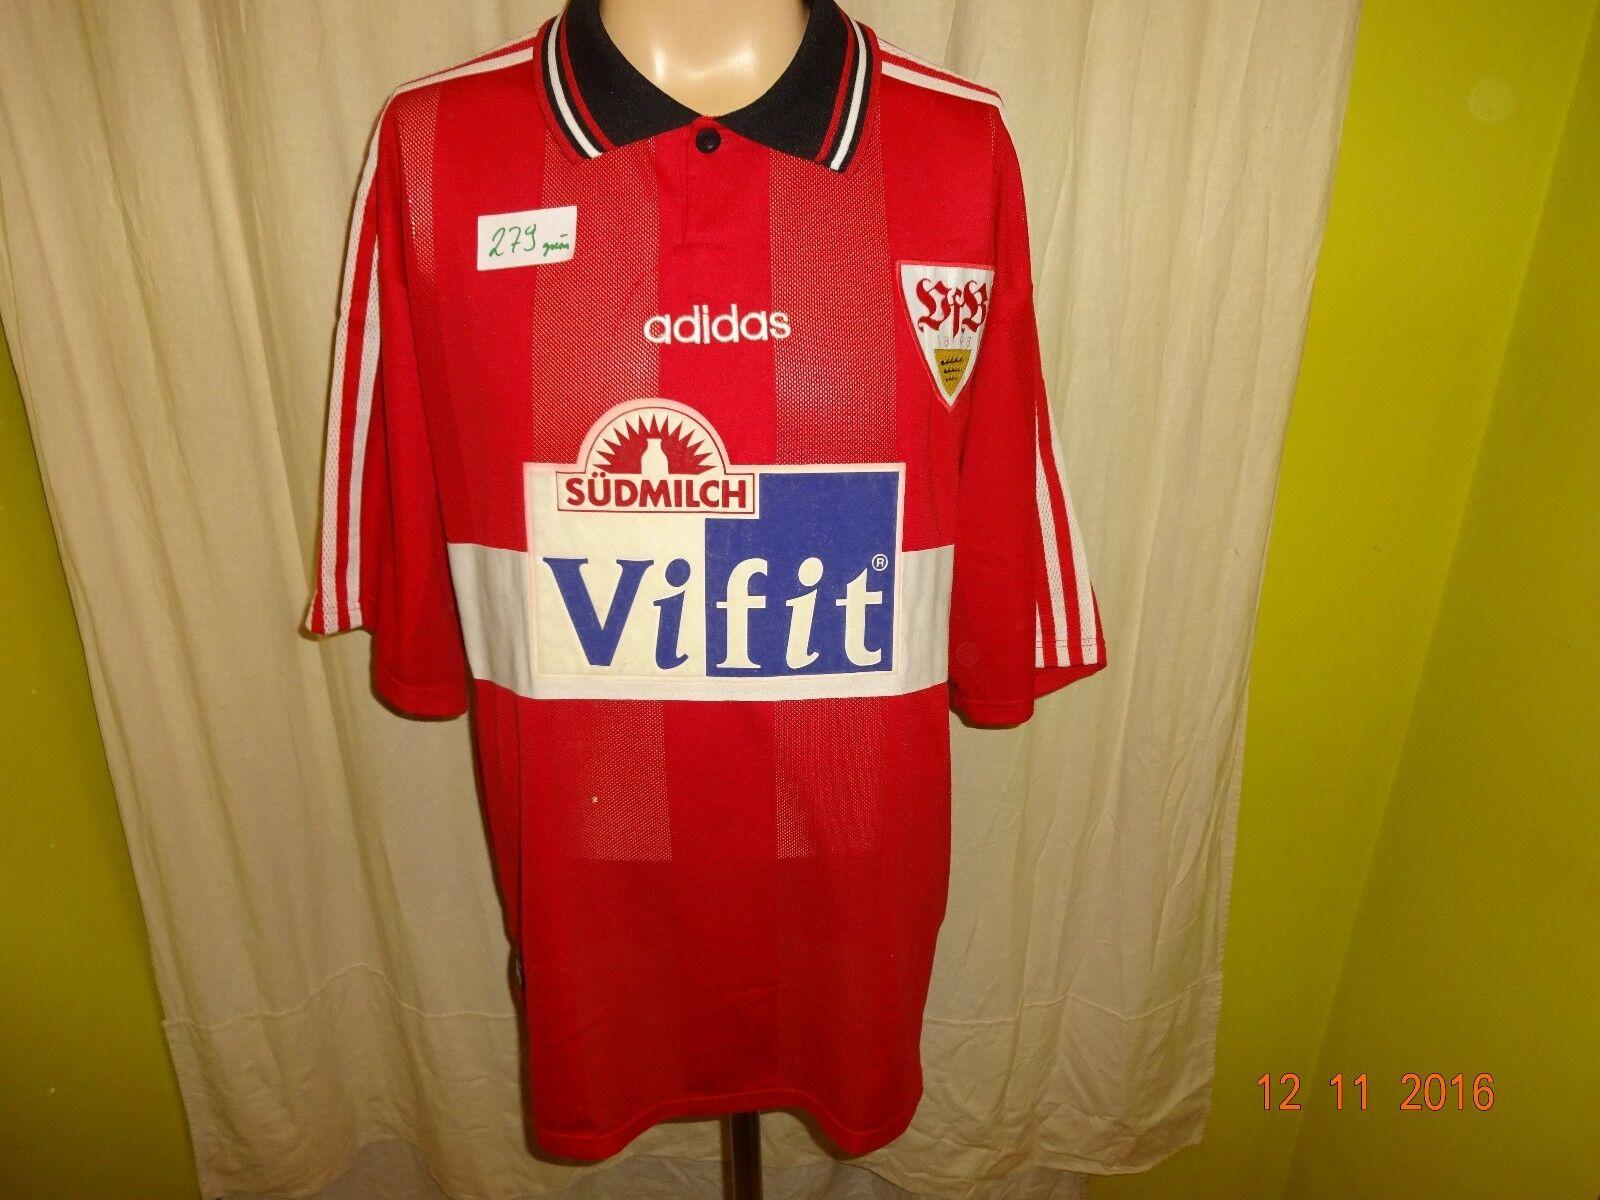 VfB Stuttgart Original Adidas Auswärts Trikot 1996 97 97 97  ViFIT Südmilch  Gr.XXL 233152